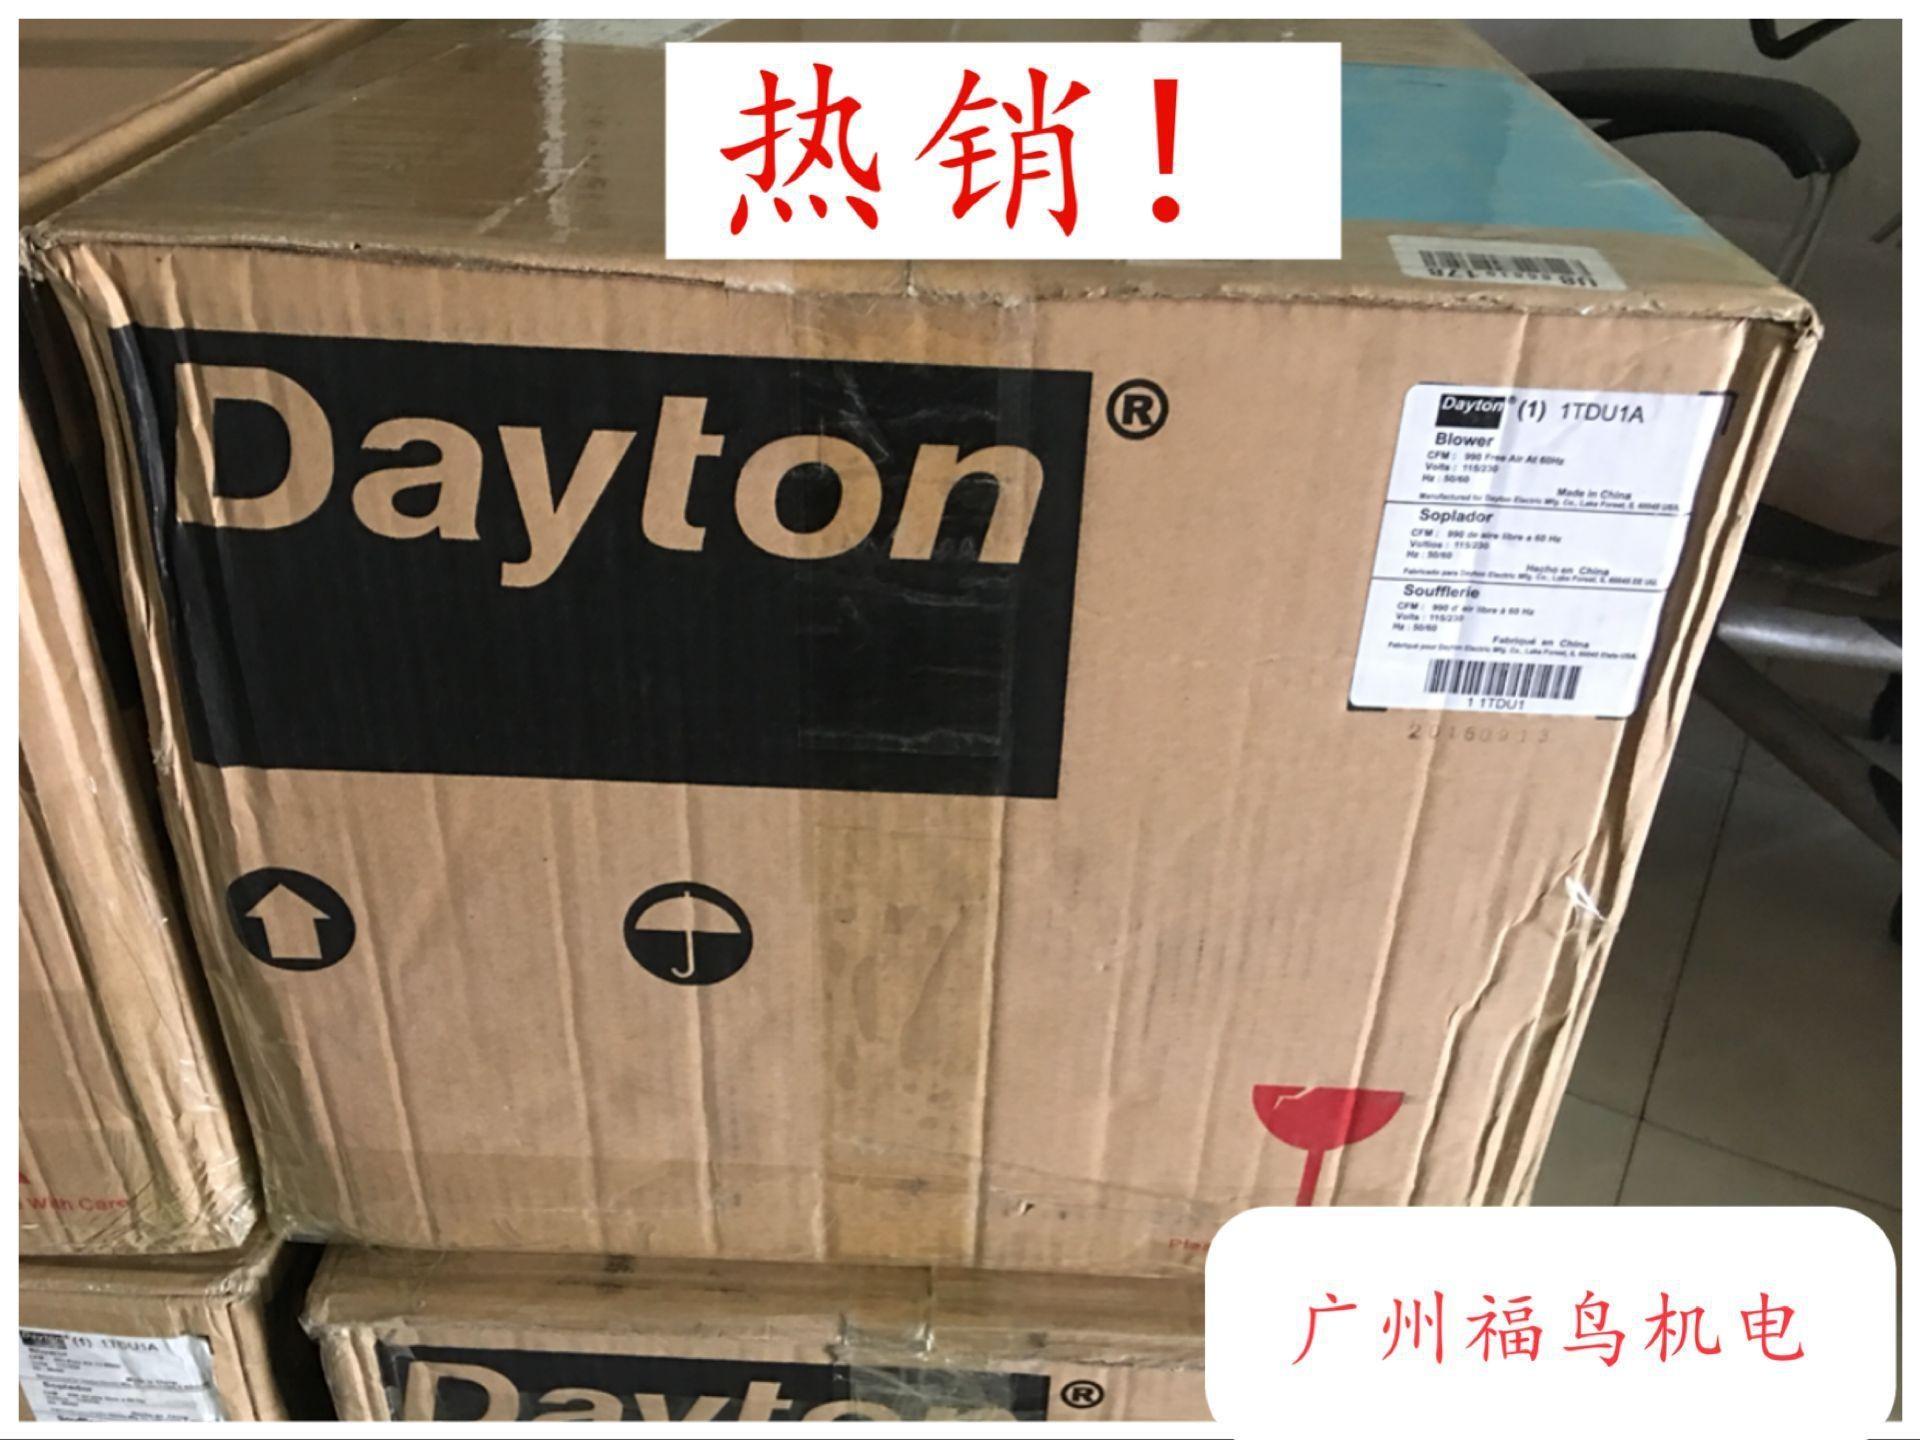 DAYTON風機, 型號: 1TDU1A